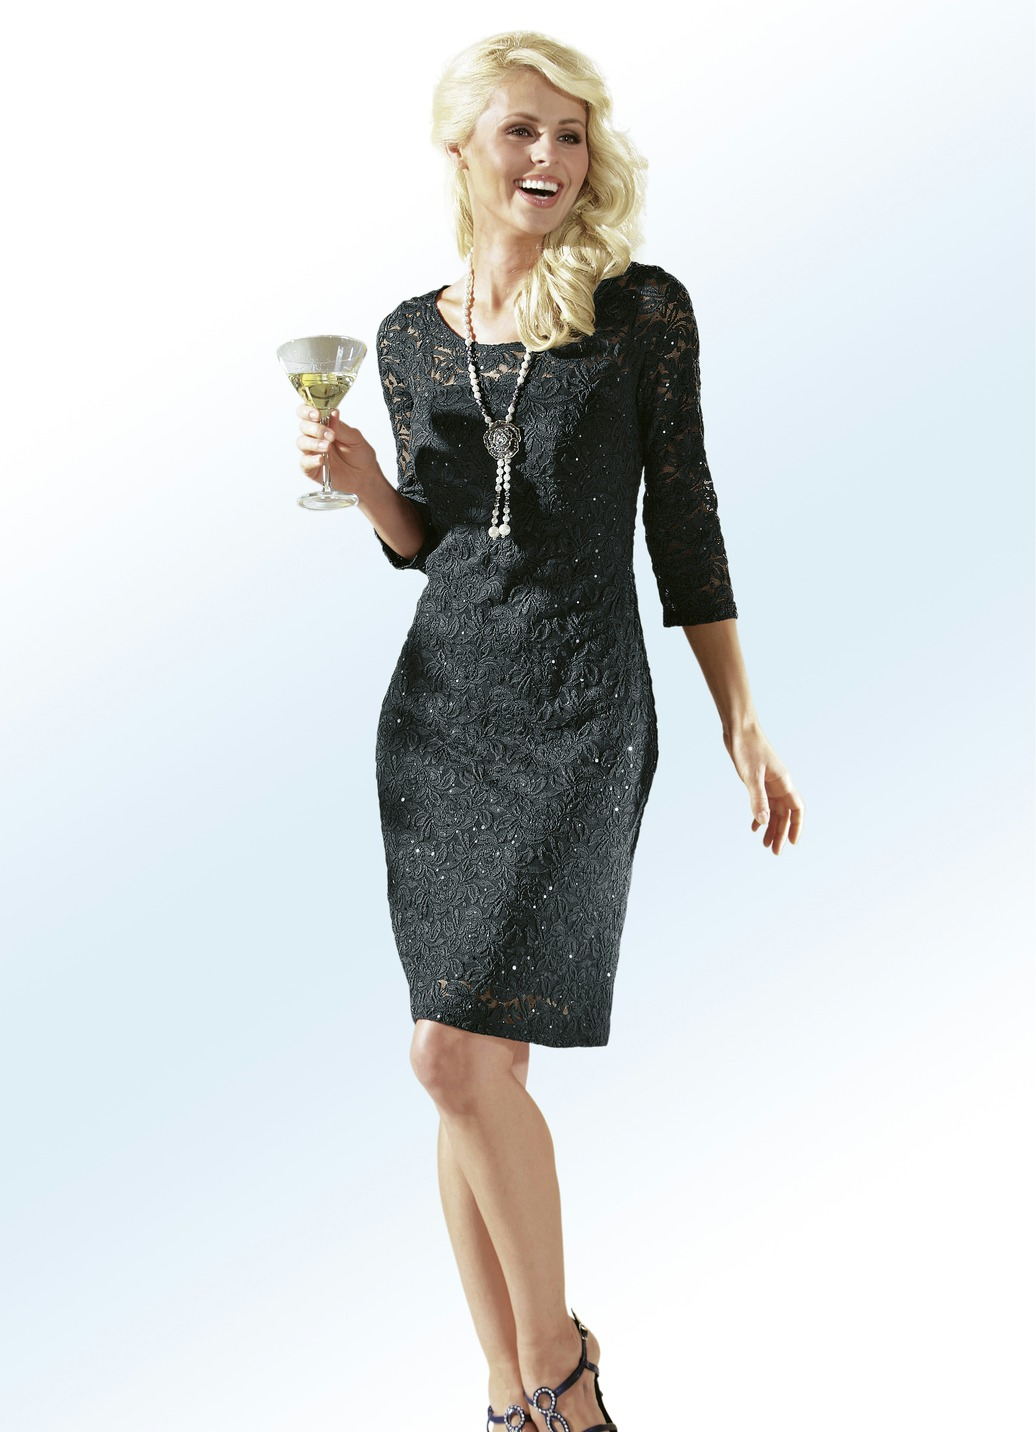 Damen kleider 2014 dein neuer kleiderfotoblog - Bader festliche kleider ...